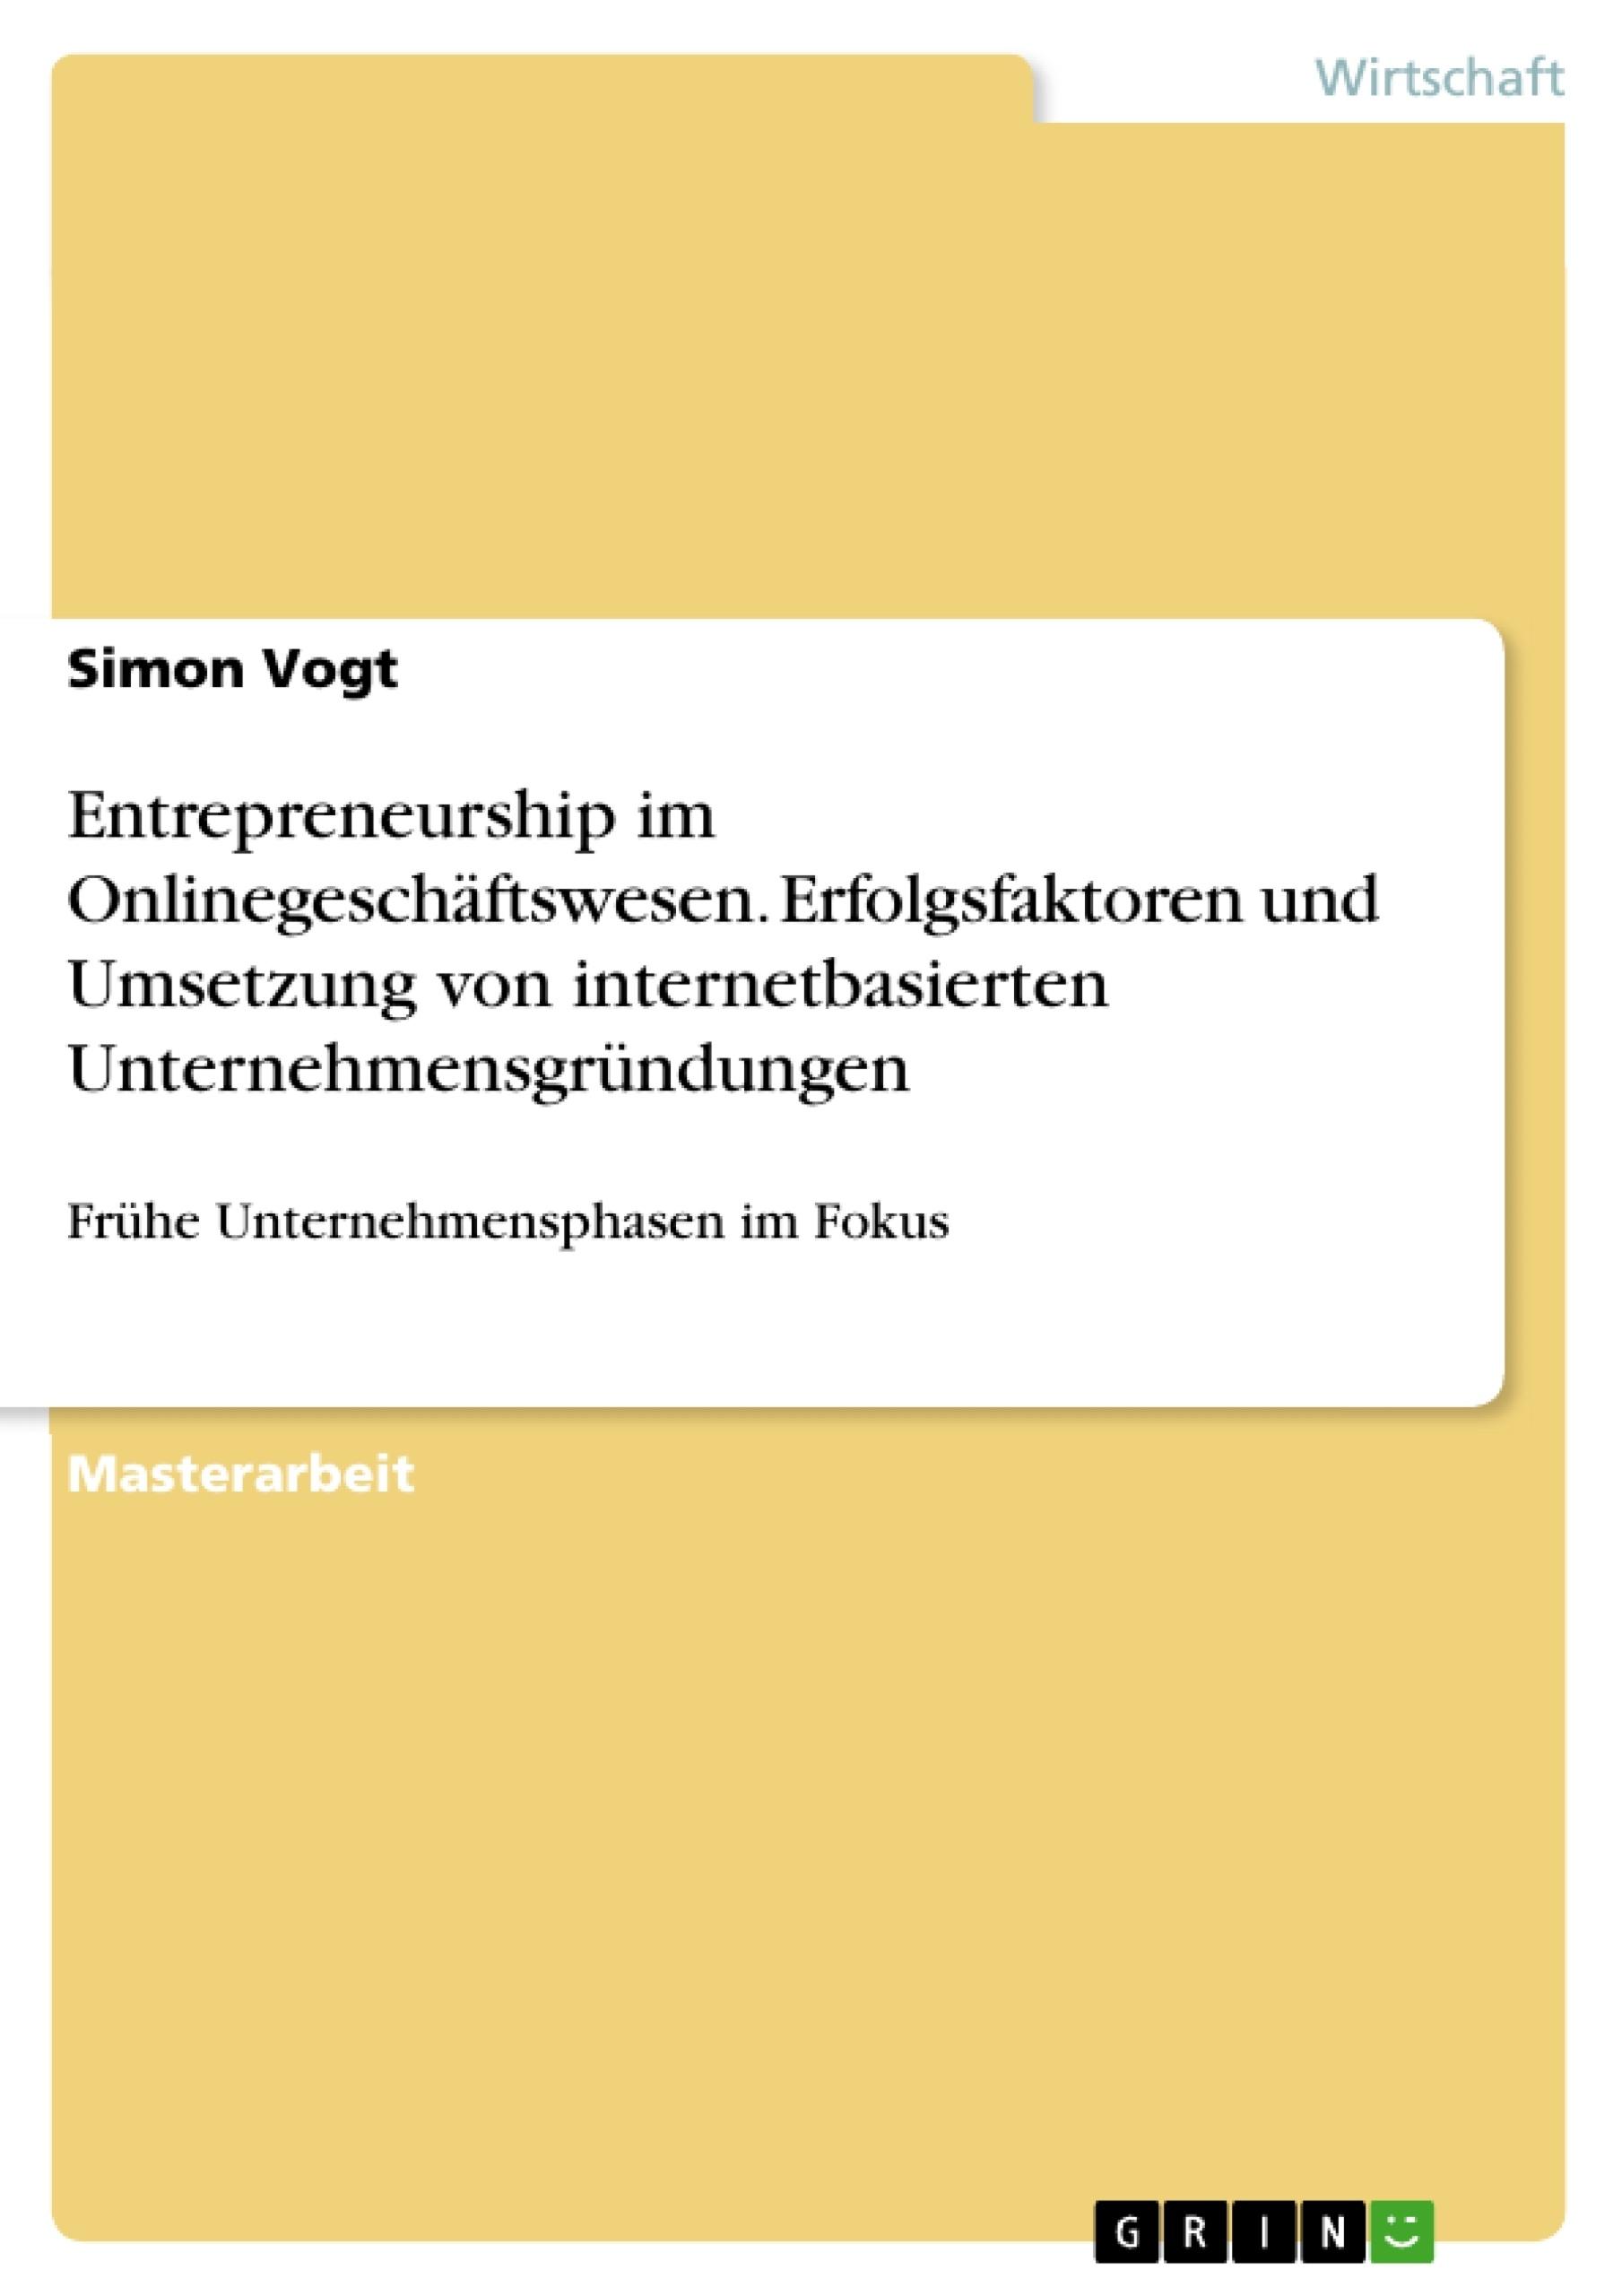 Titel: Entrepreneurship im Onlinegeschäftswesen. Erfolgsfaktoren und Umsetzung von internetbasierten Unternehmensgründungen